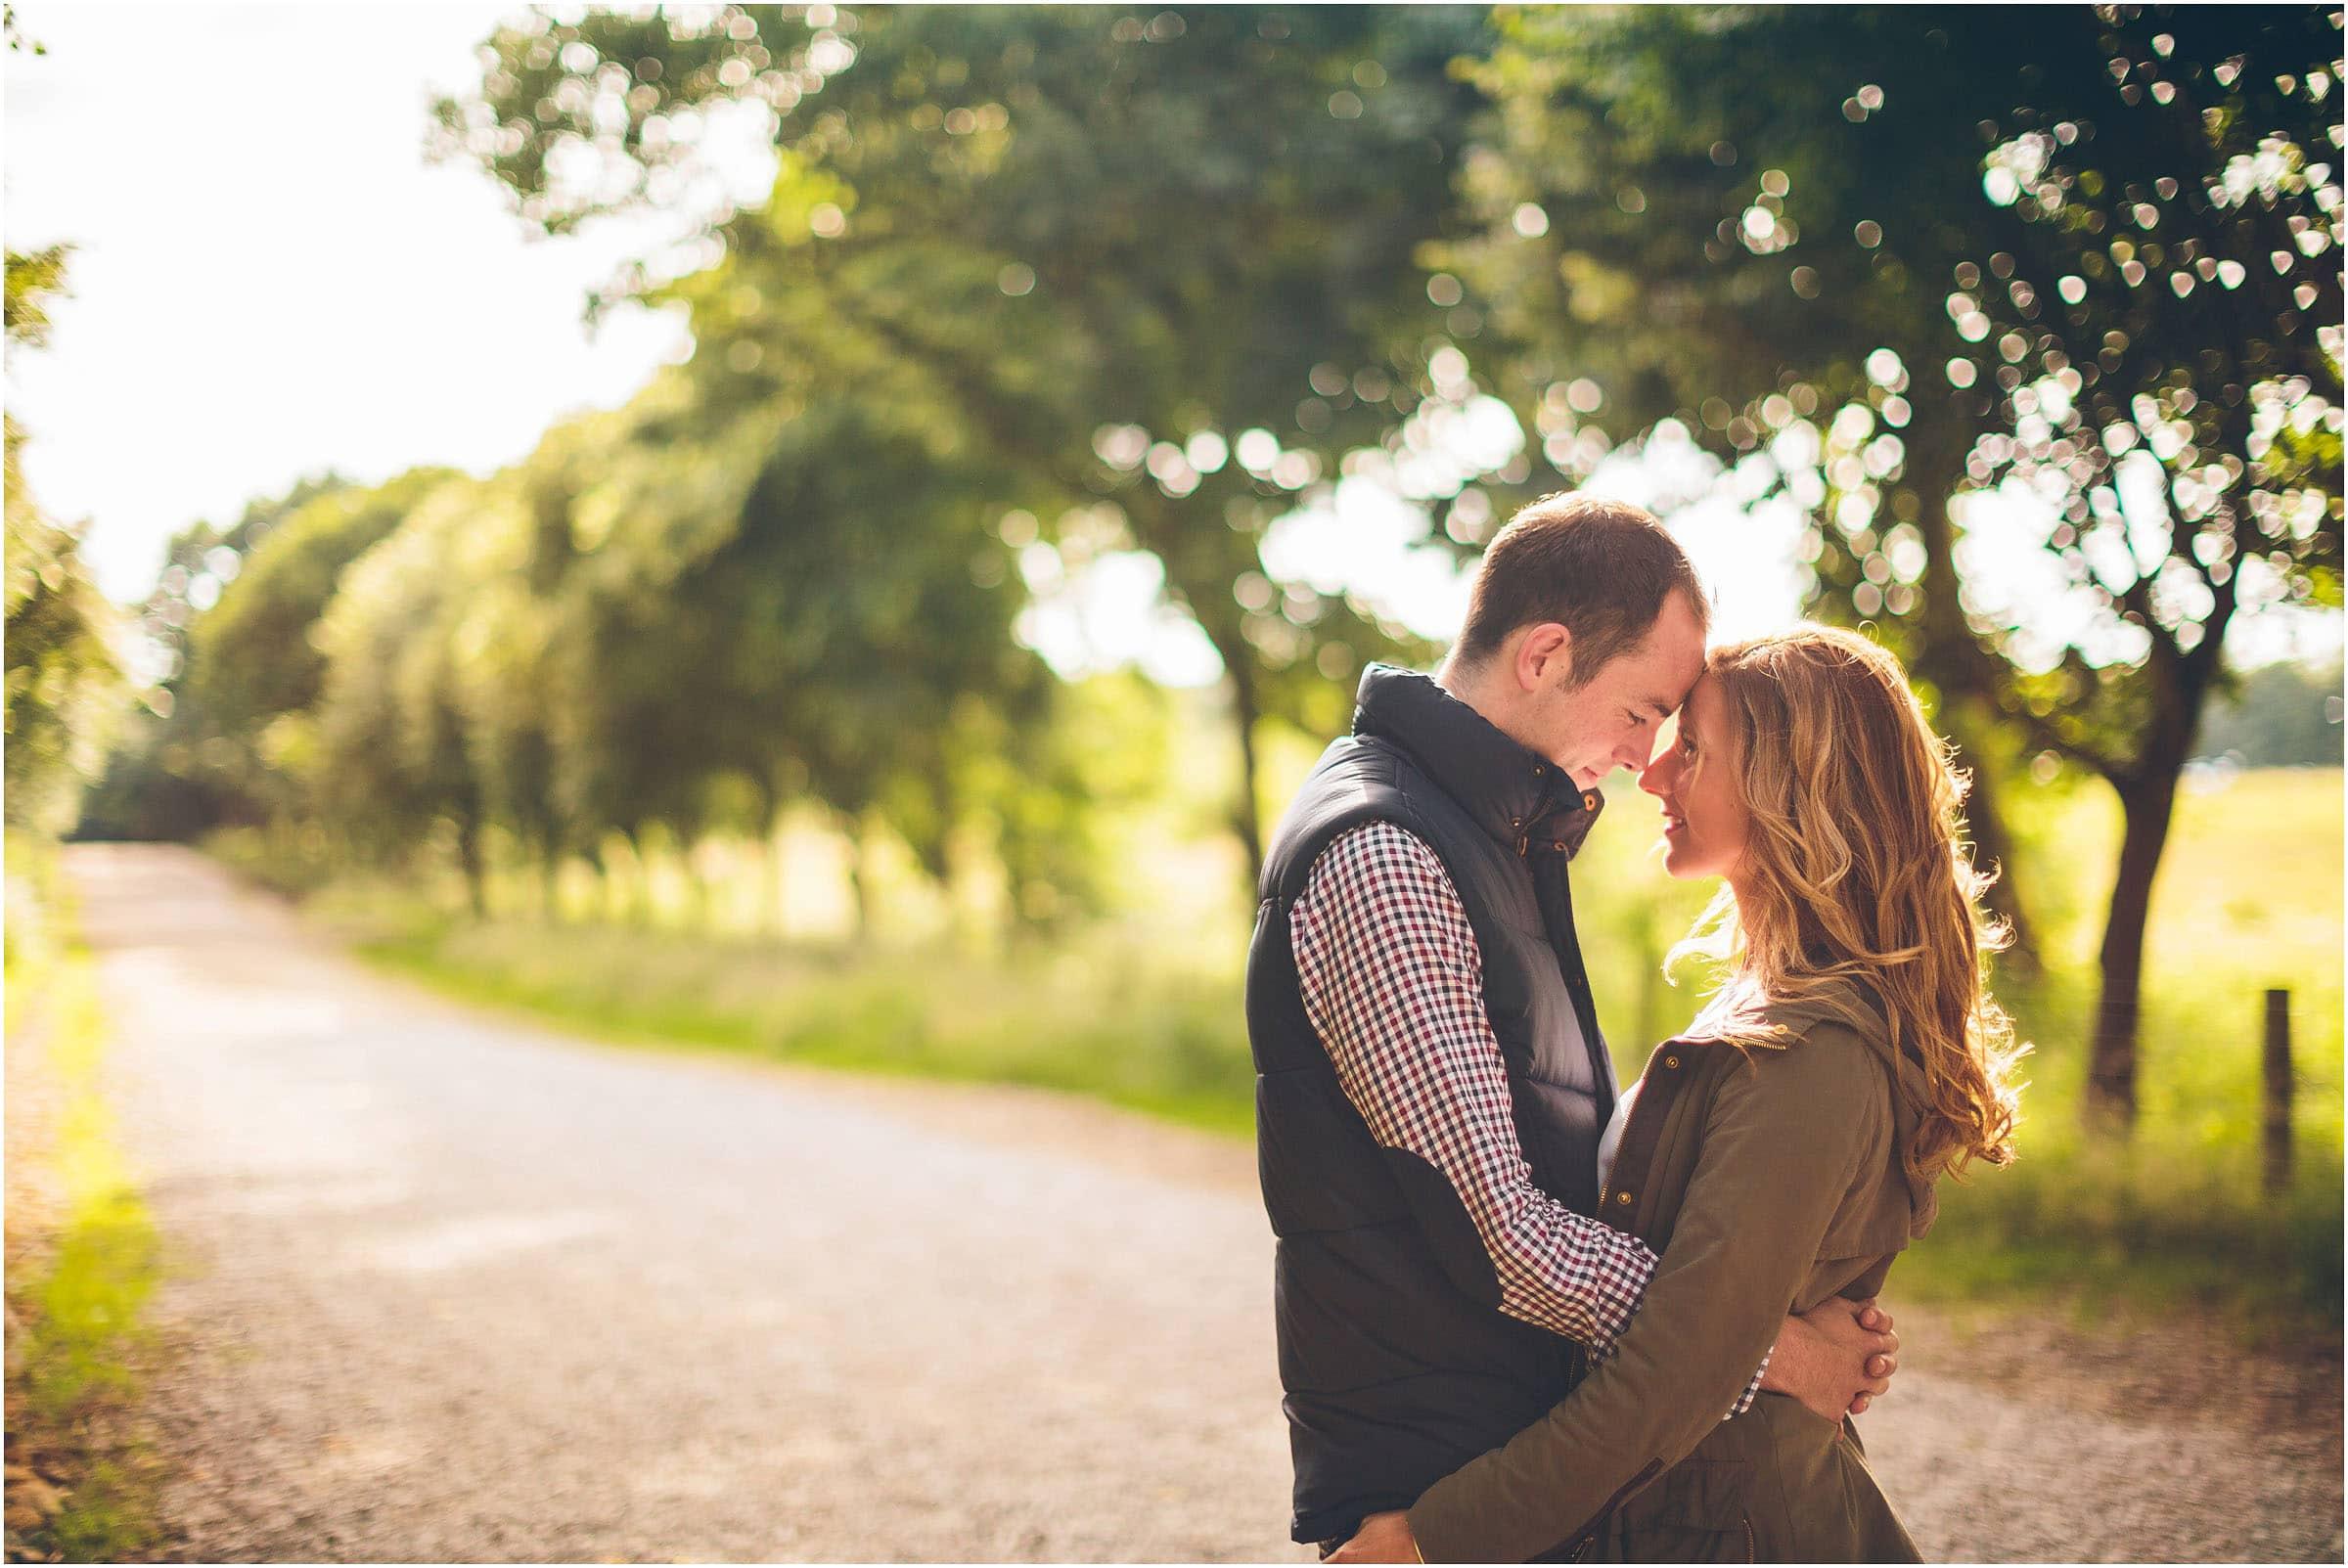 Rivington_Engagement_Photography_0016